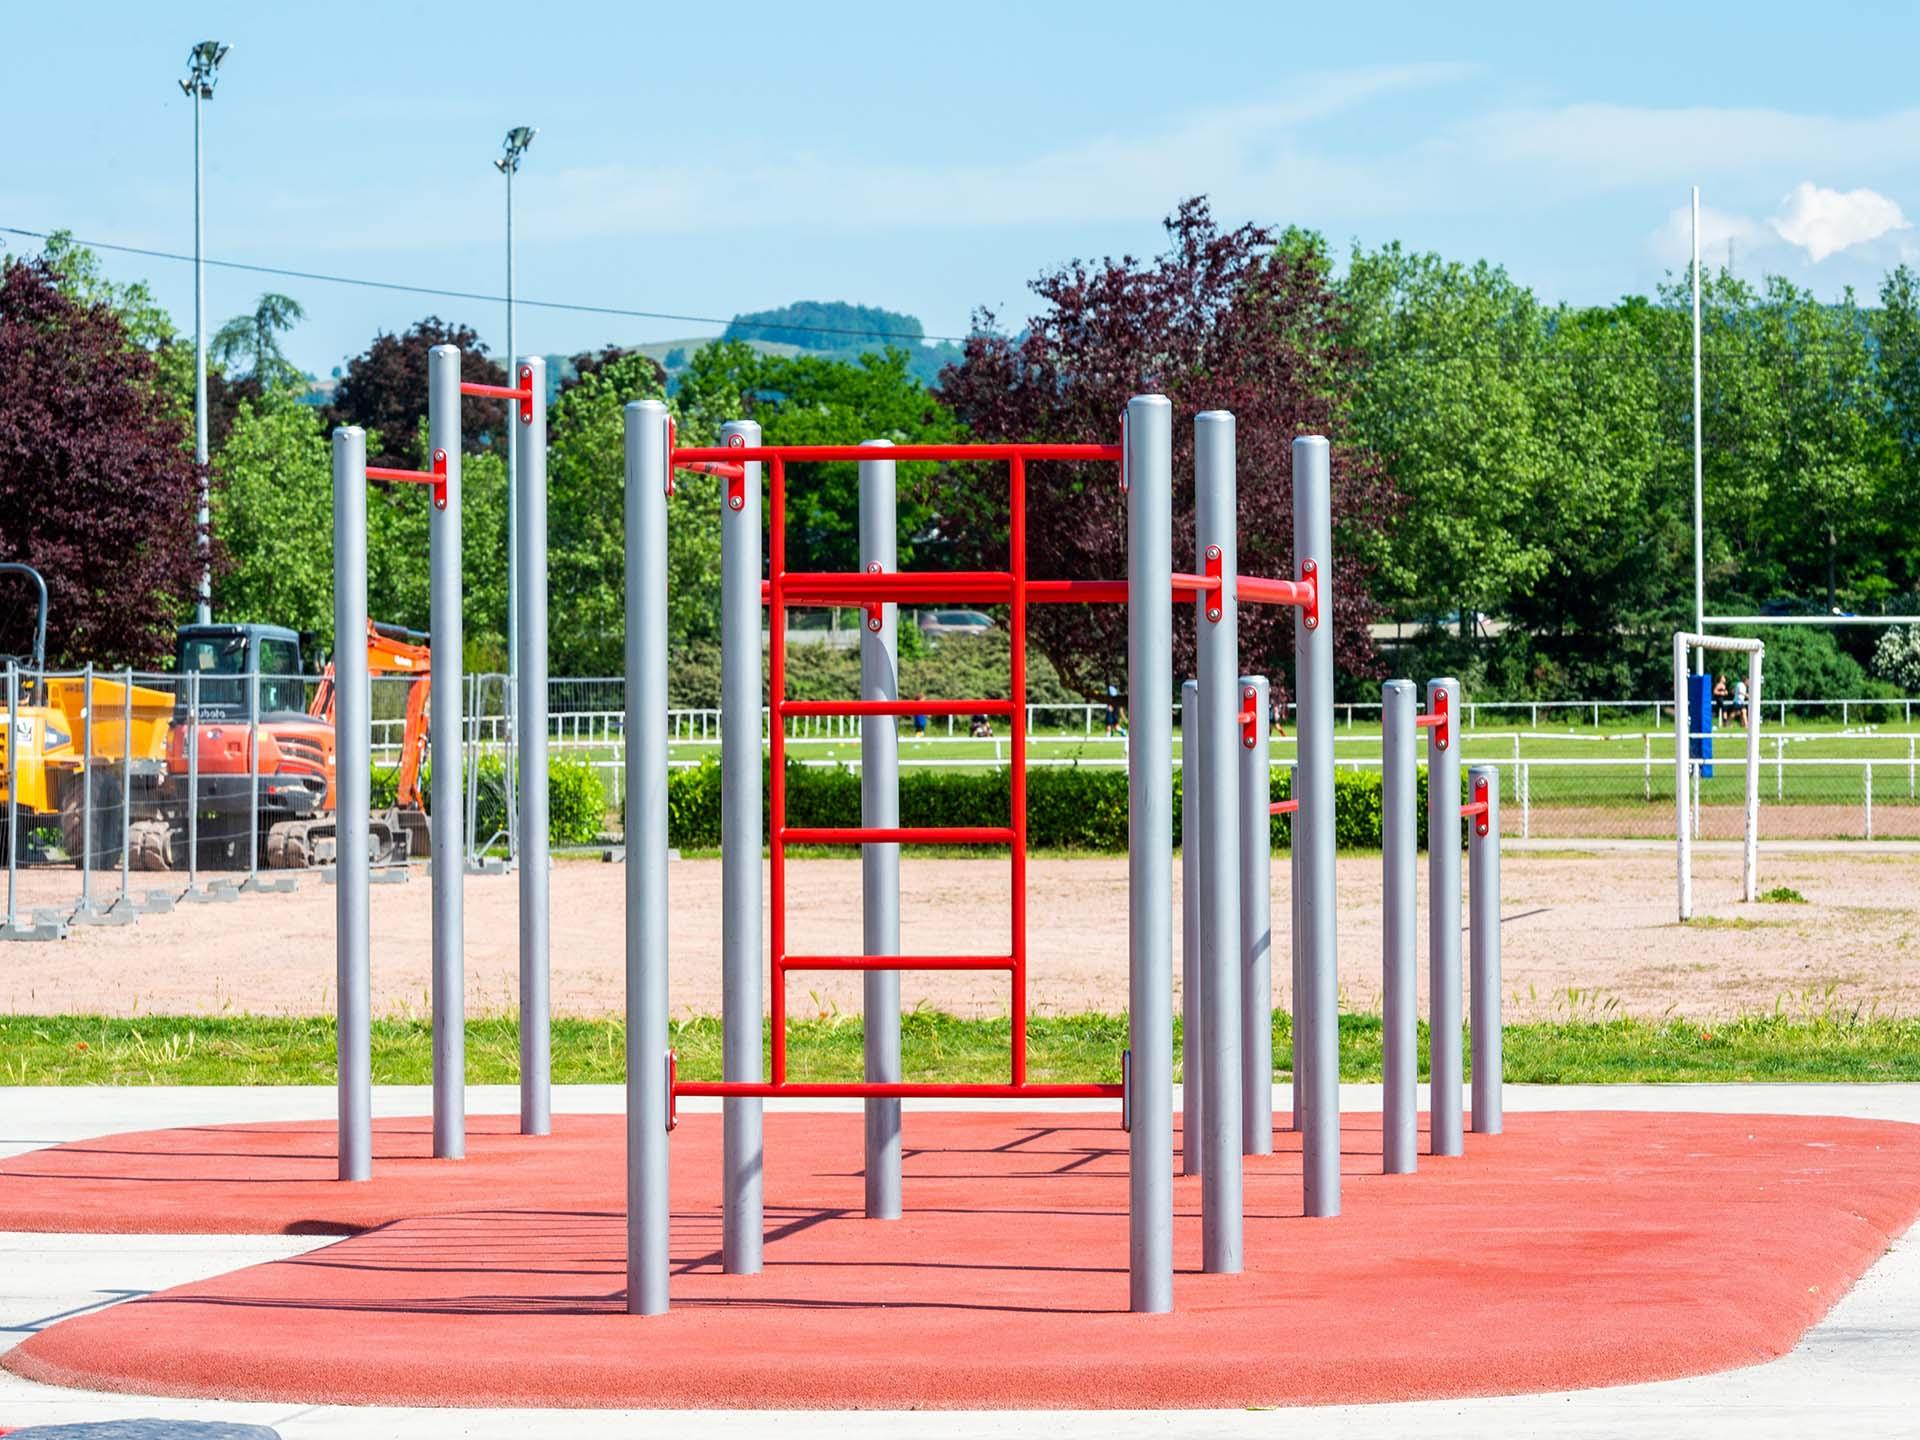 Photo du module de Street-Workout de l'aire de Fitness AirFit de Saint-Etienne